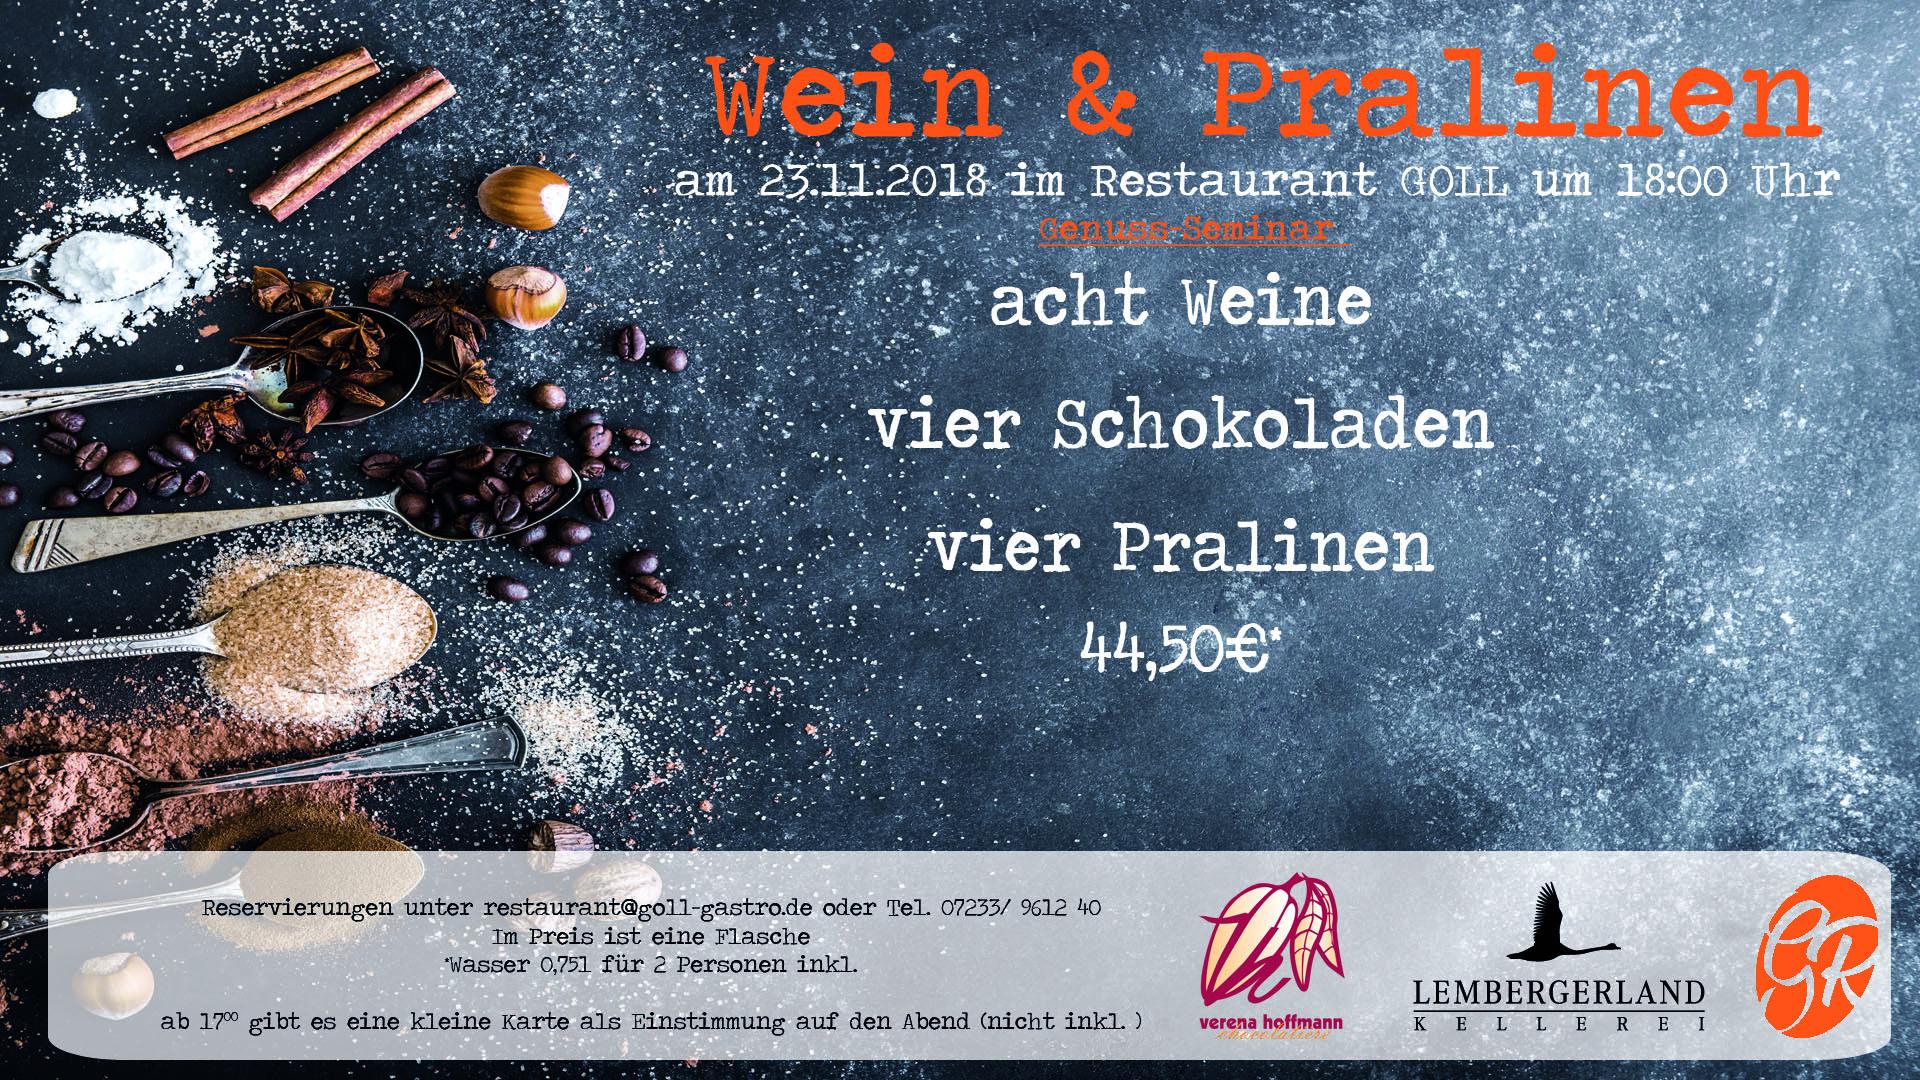 Wein & Pralinen